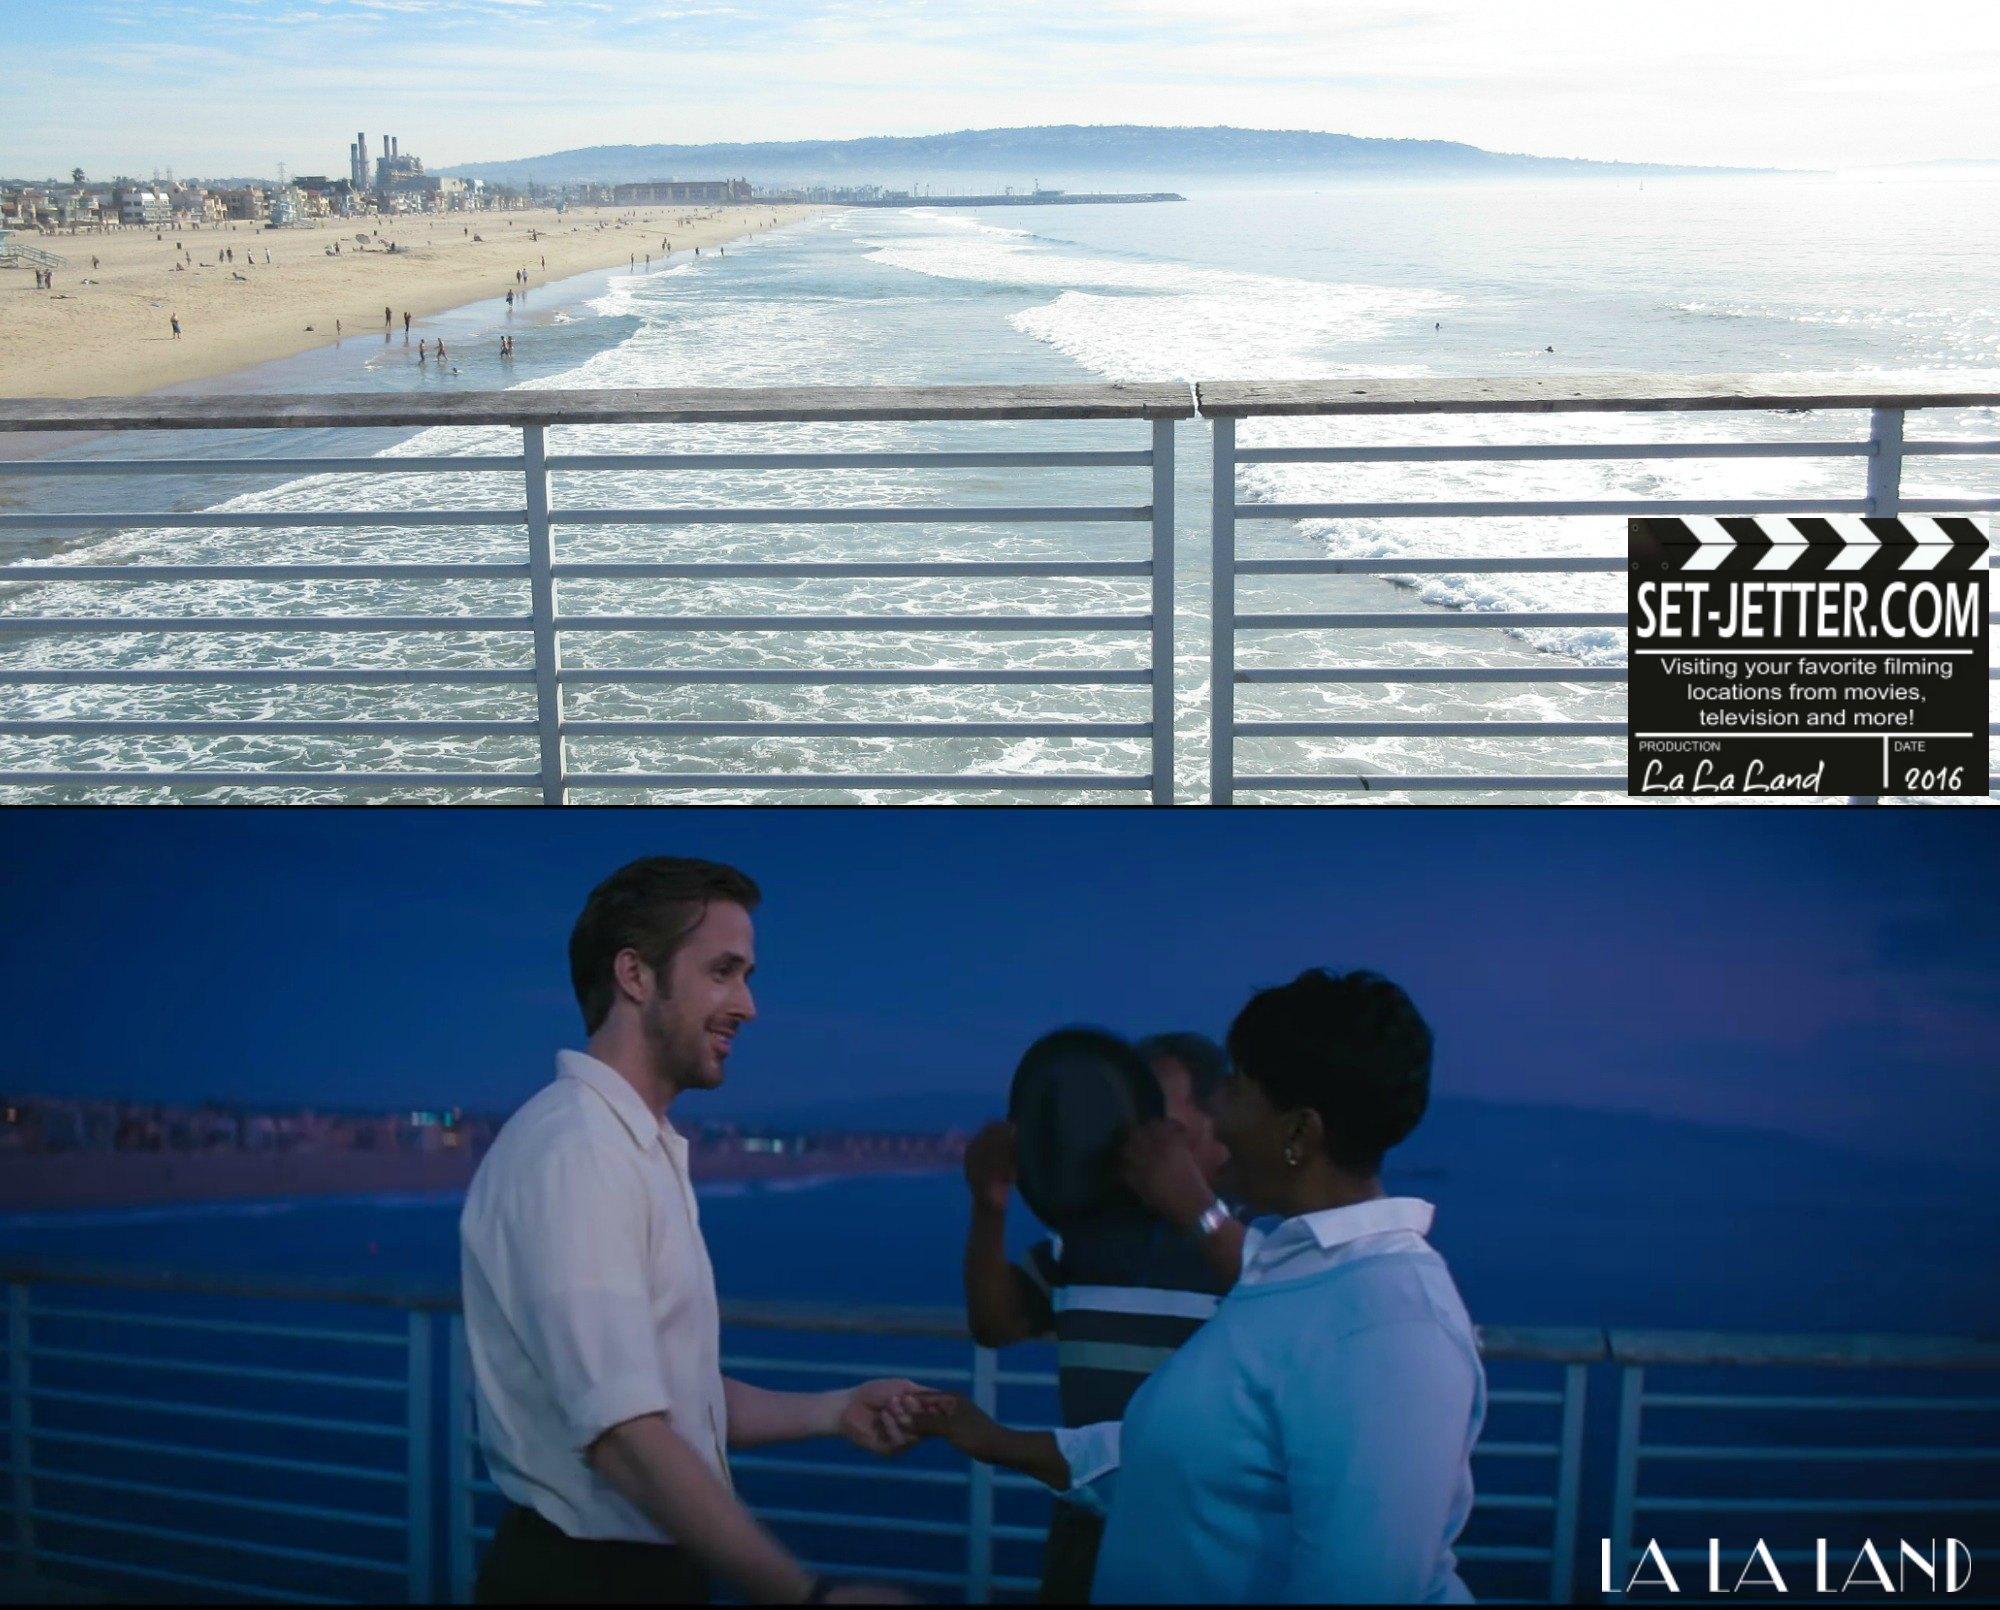 La La Land comparison 51.jpg